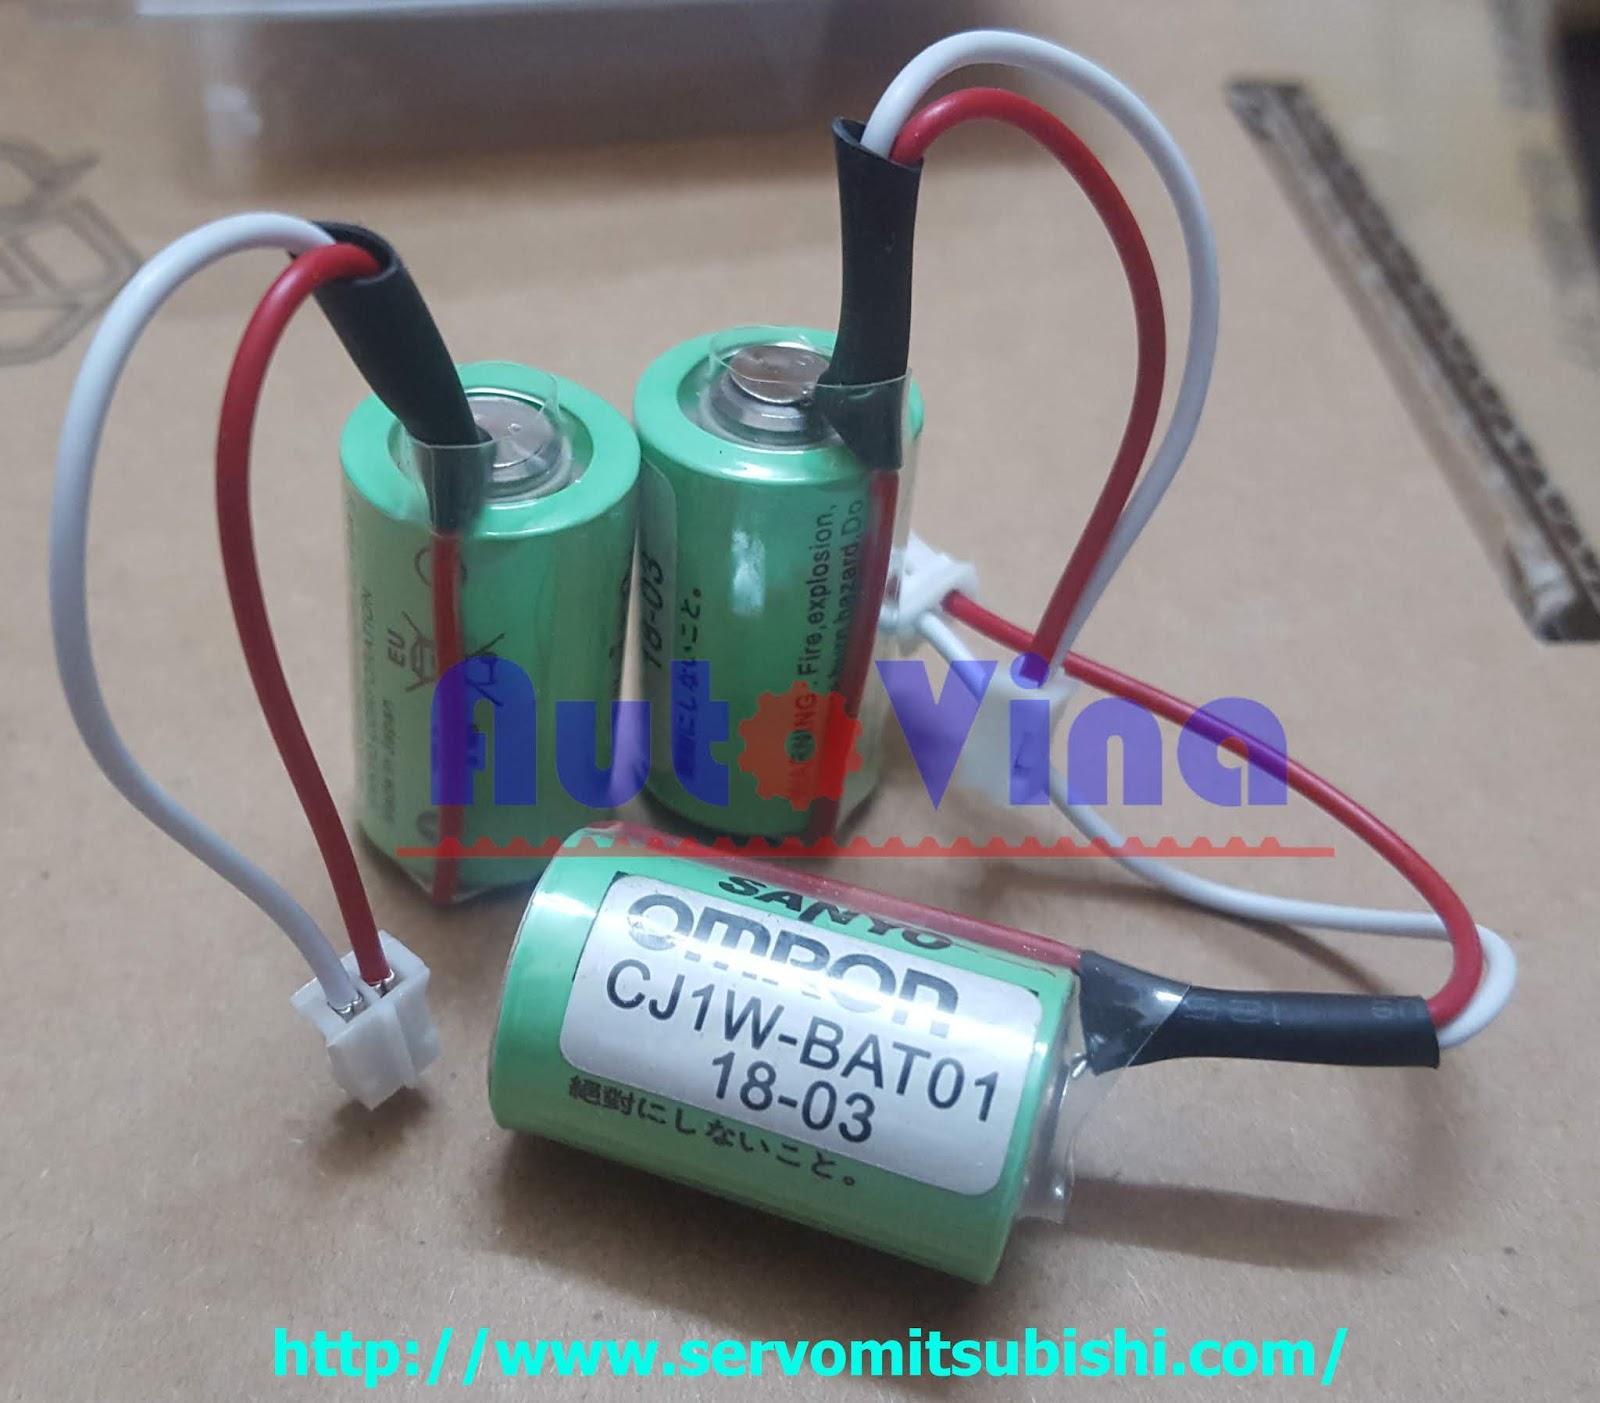 Đại lý bán pin Battery dùng cho PLC, pin Lithium SANYO dùng cho PLC Omron model CJ1W-BAT01